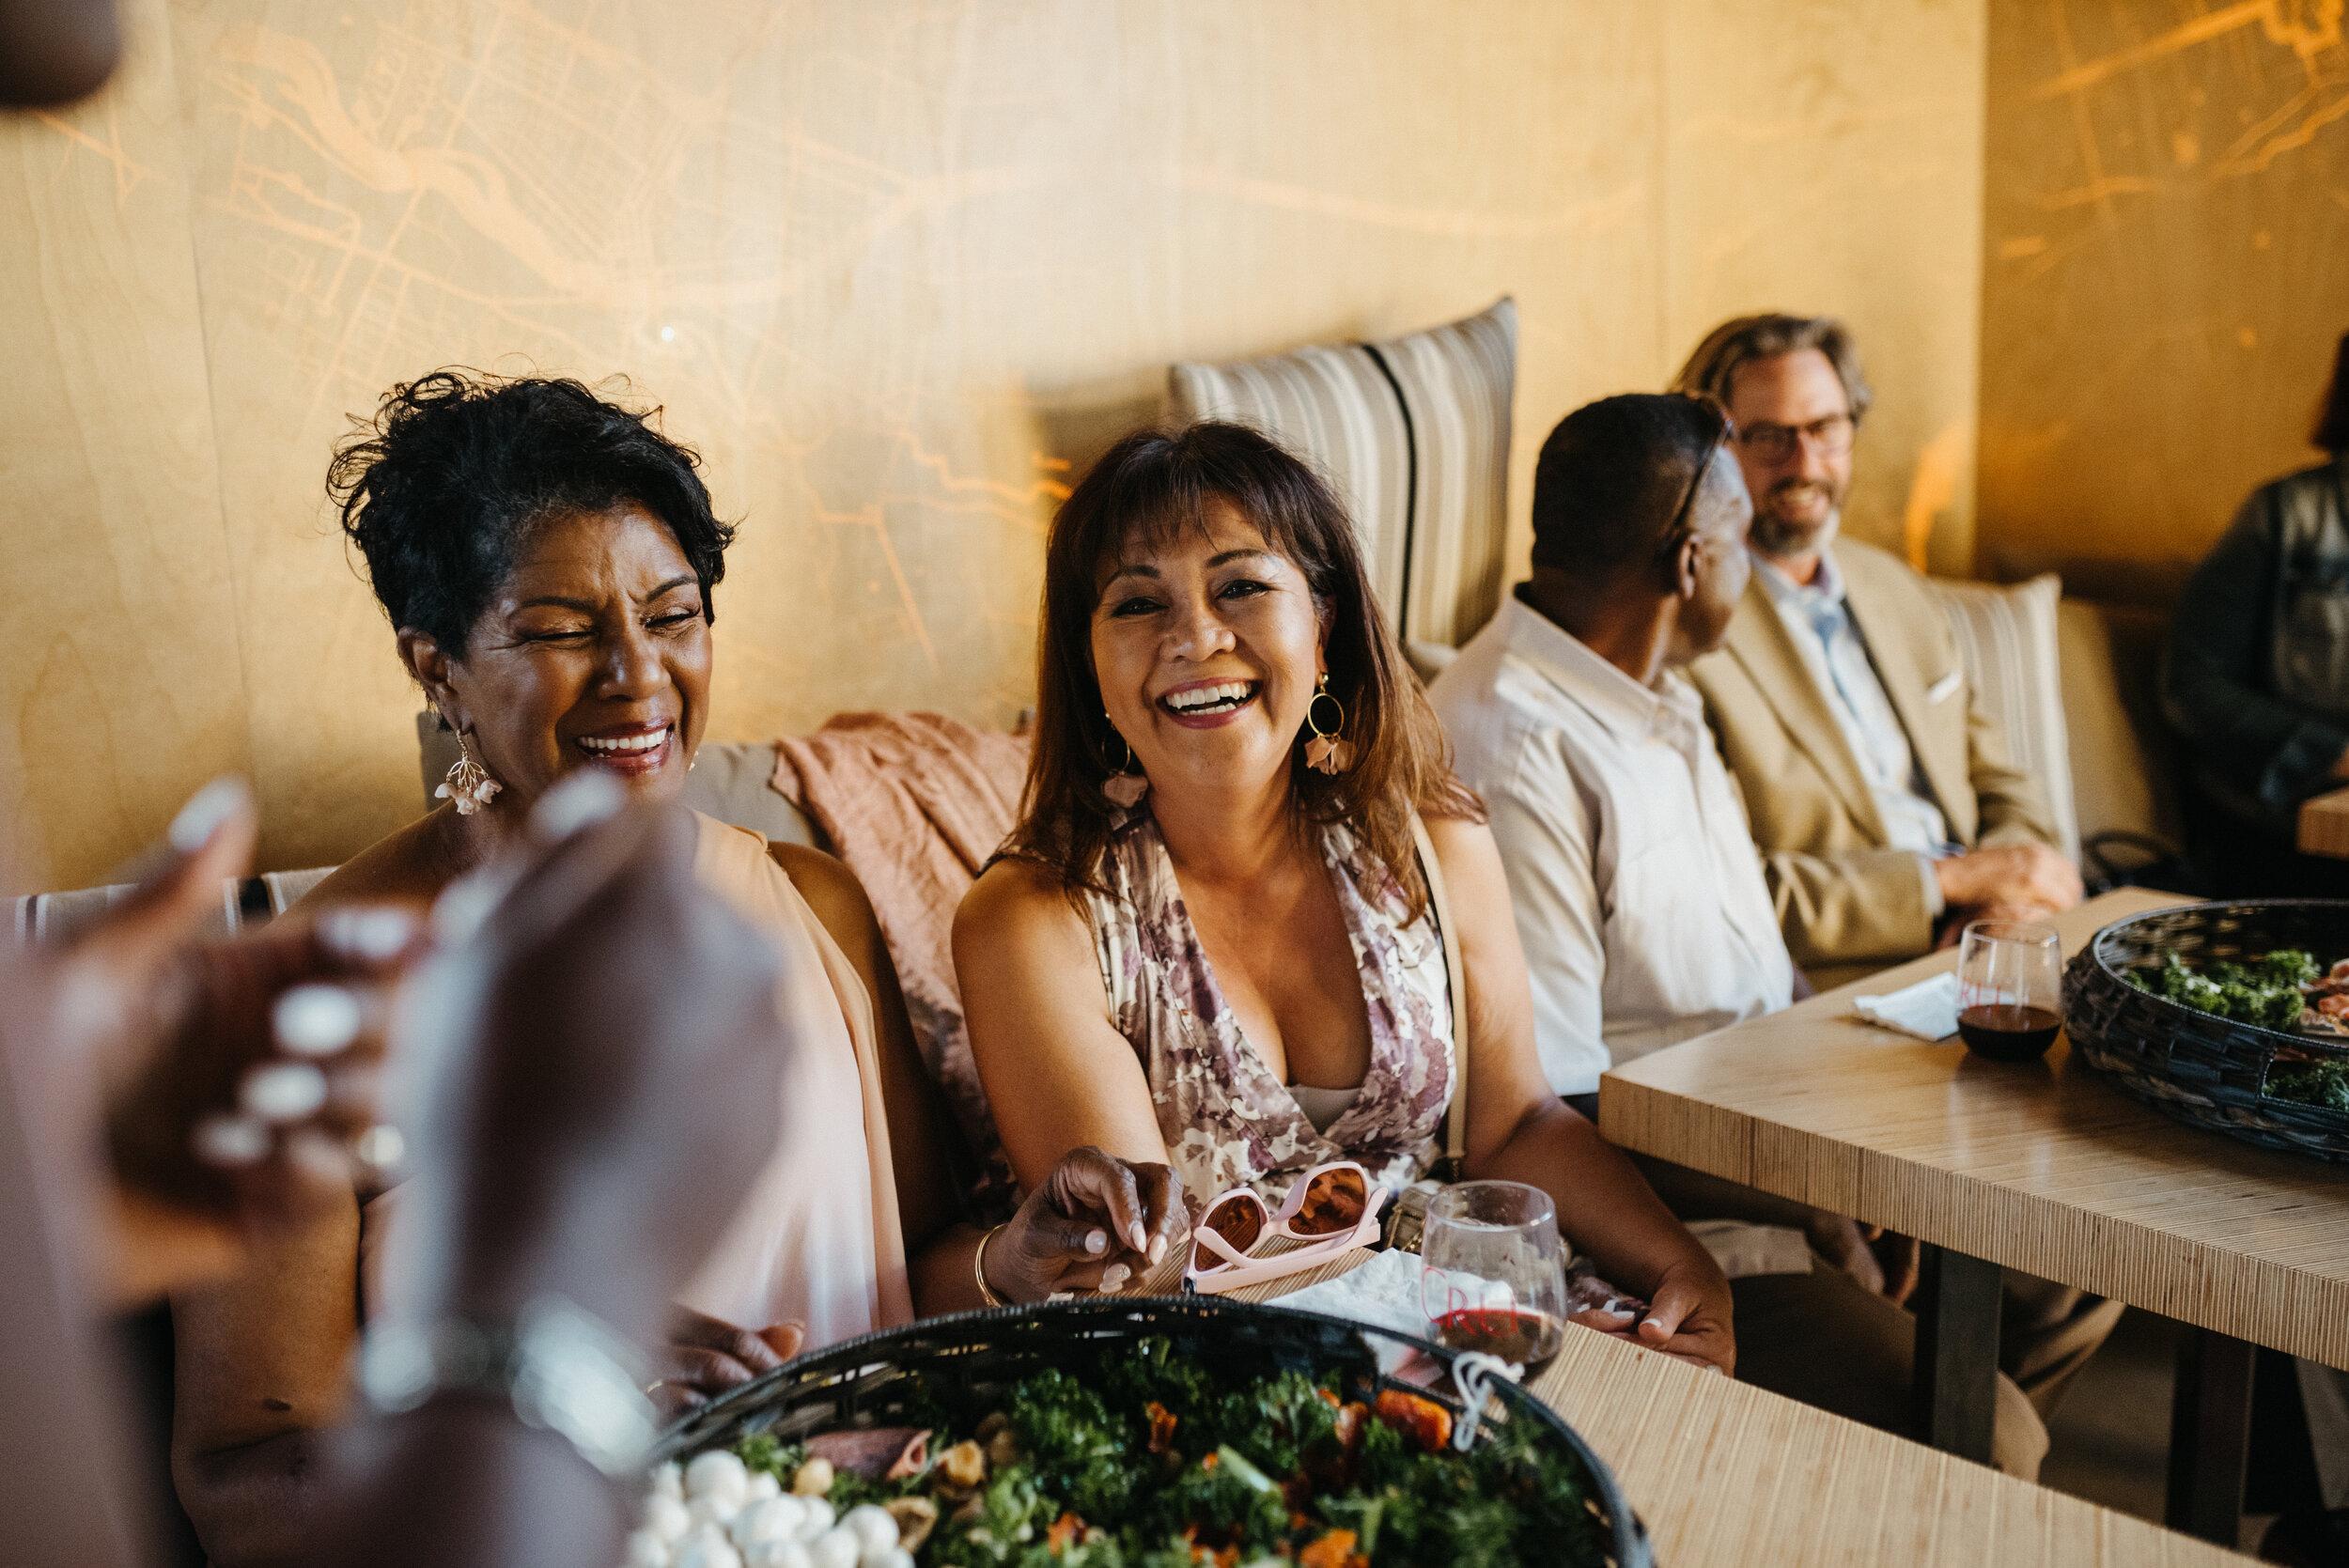 wedding guests laughing at napa wedding at cru winery. photography by amira maxwell